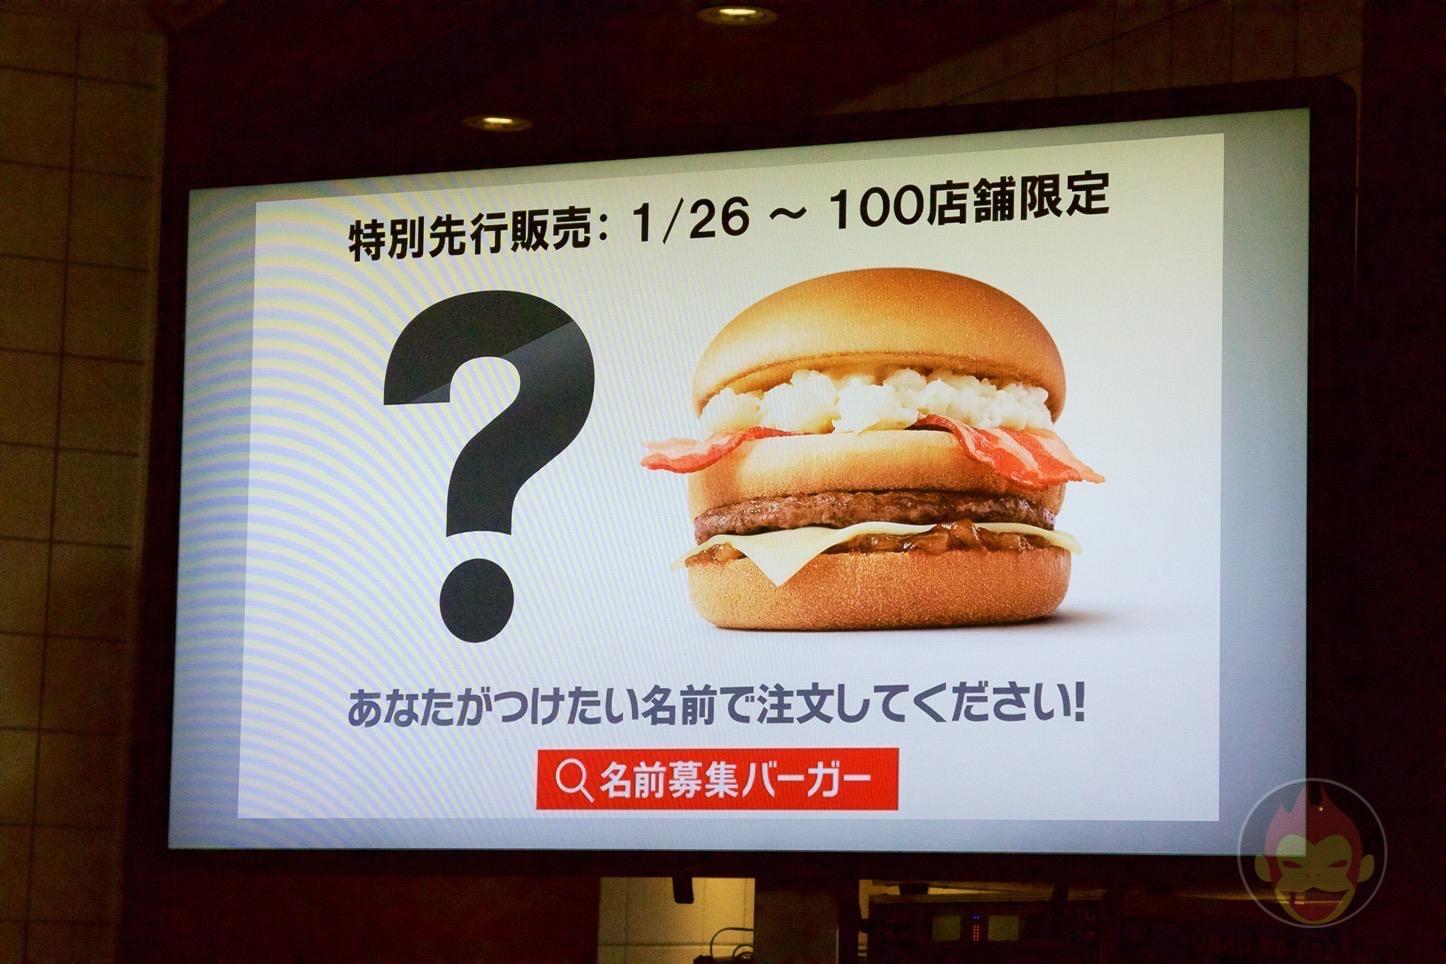 マクドナルドの新バーガー、名前募集中! #名前募集バーガー